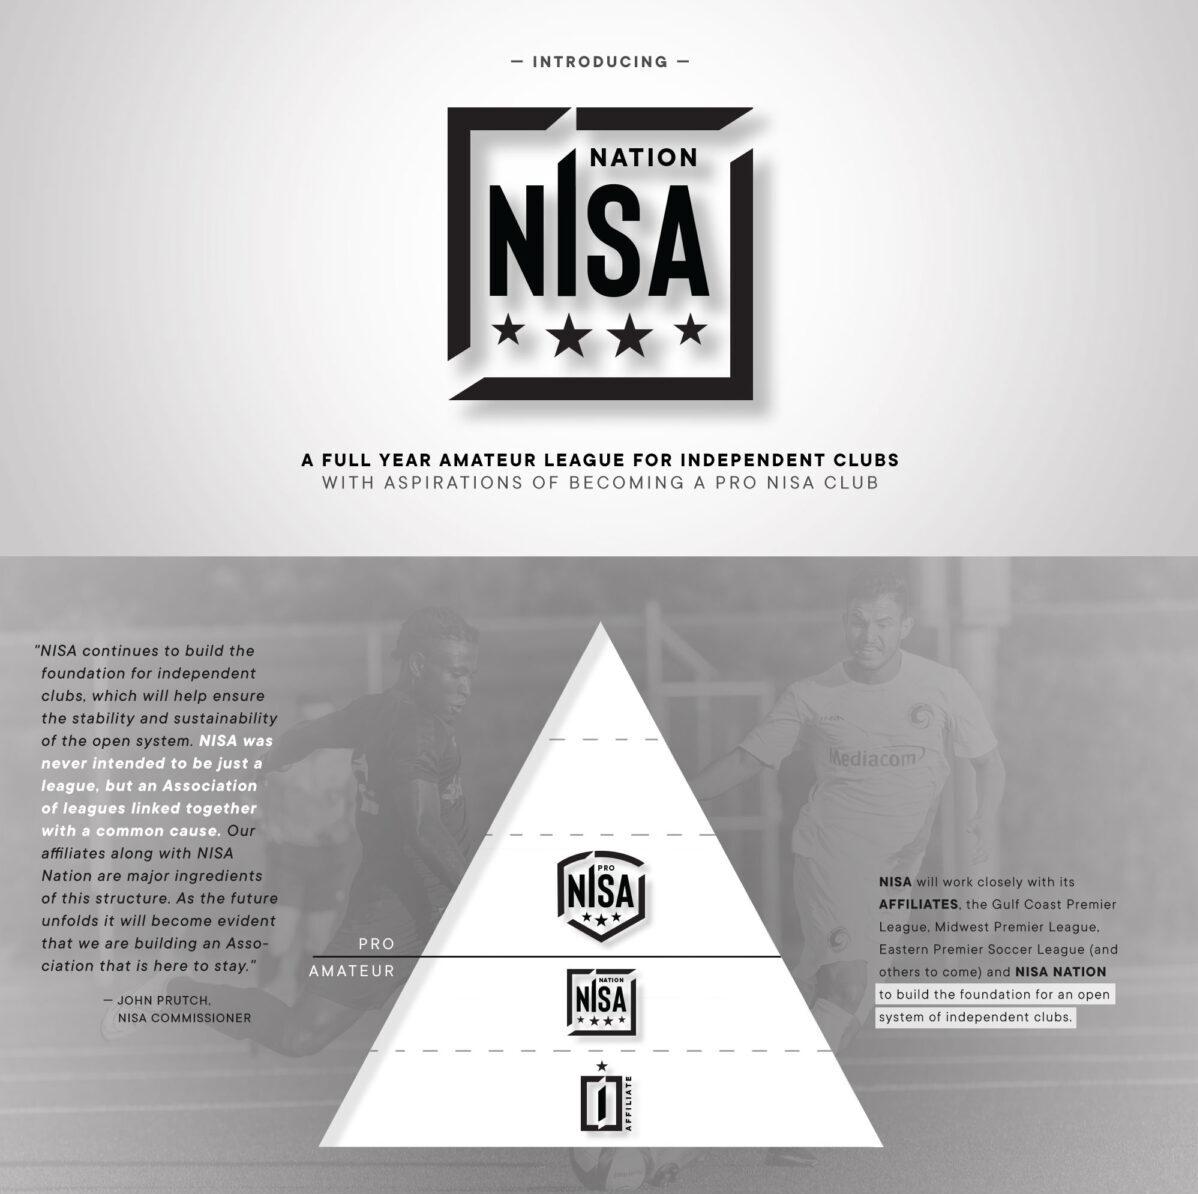 nisa nation